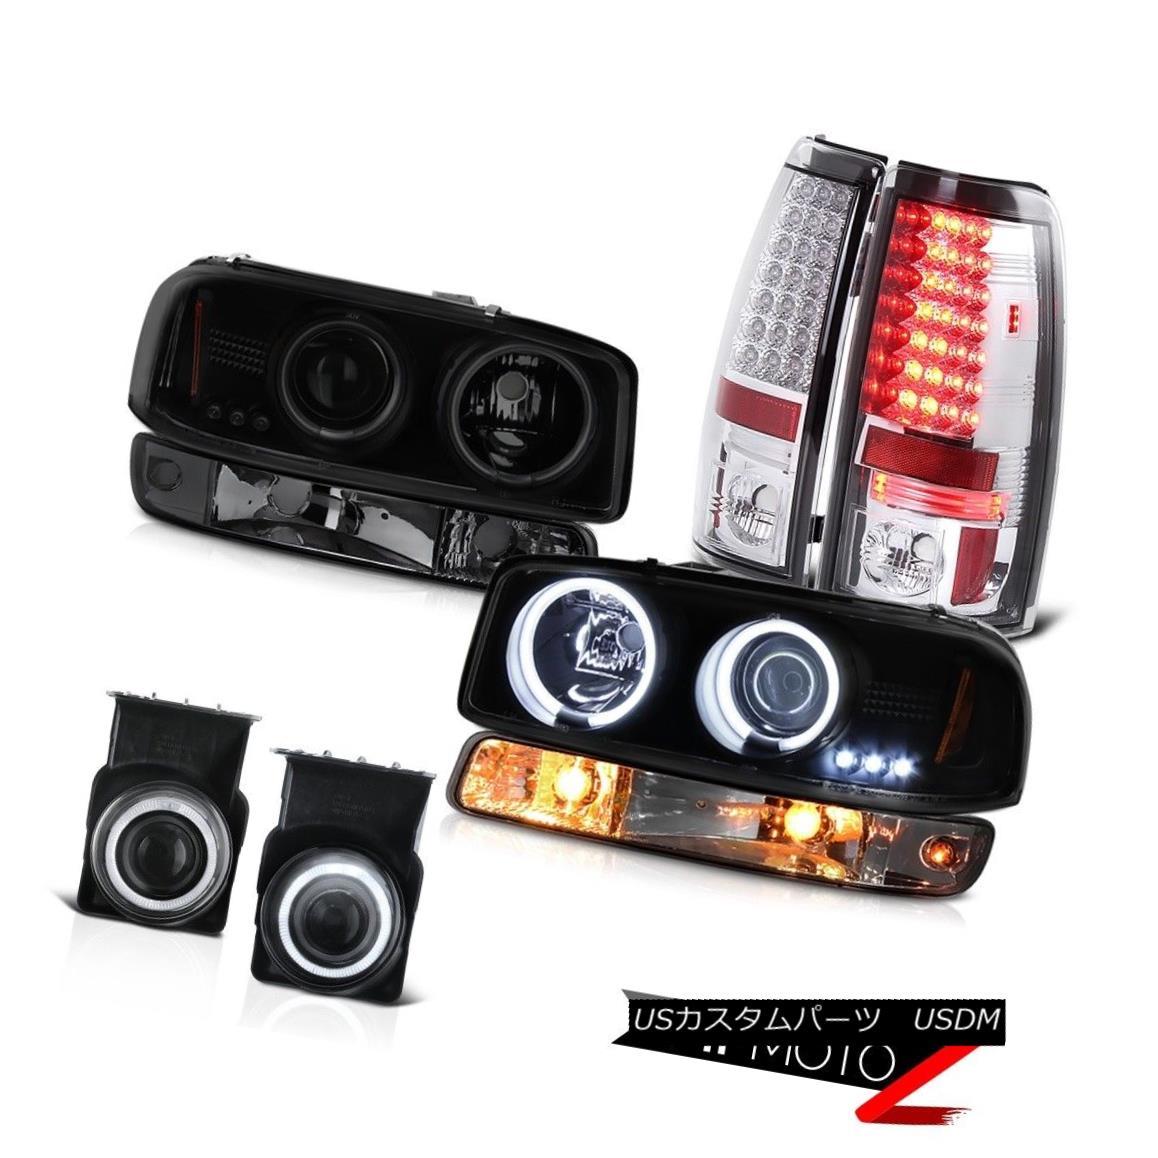 テールライト 03-06 GMC Sierra Fog lights taillights parking light smoke tinted headlights 03-06 GMCシエラ・フォグ・ライト・テールライト・パーキングライト・スモーク・ティント・ヘッドライト